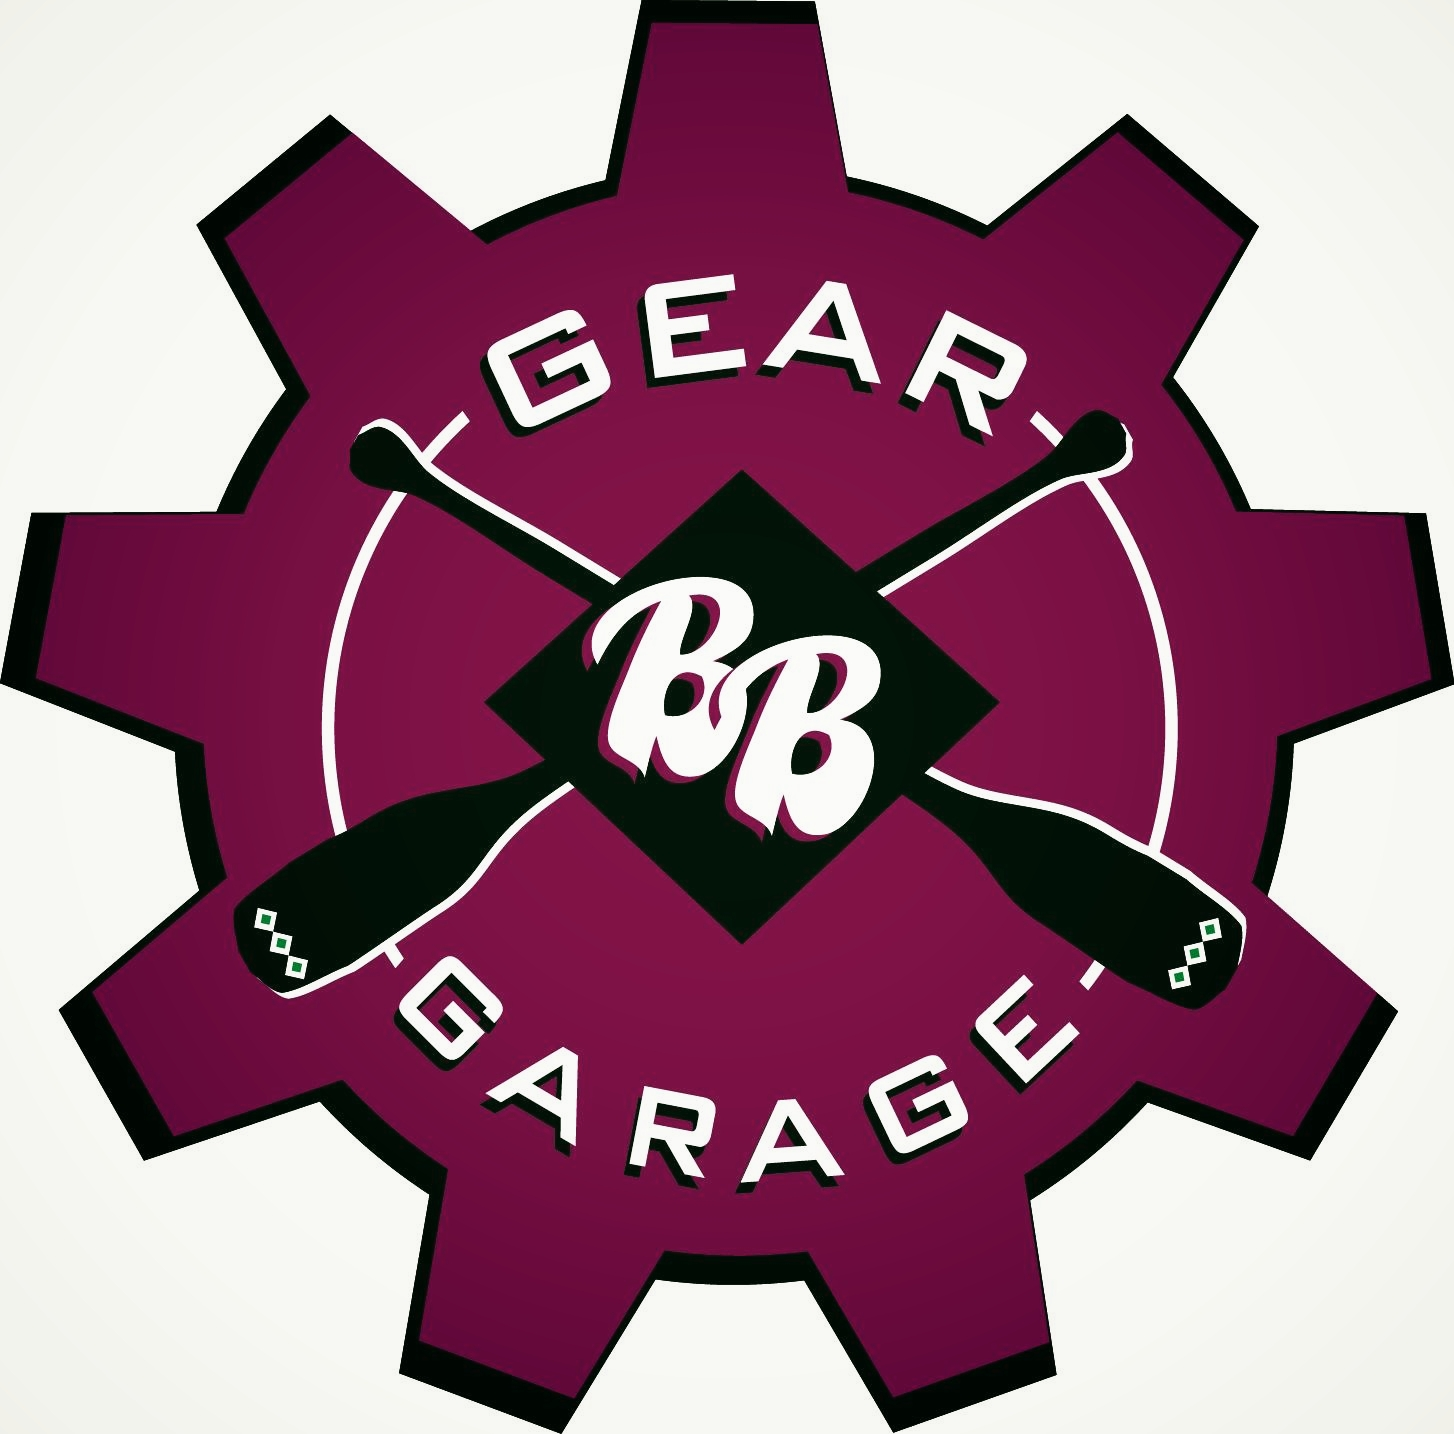 Gear Garage.color.1.jpg